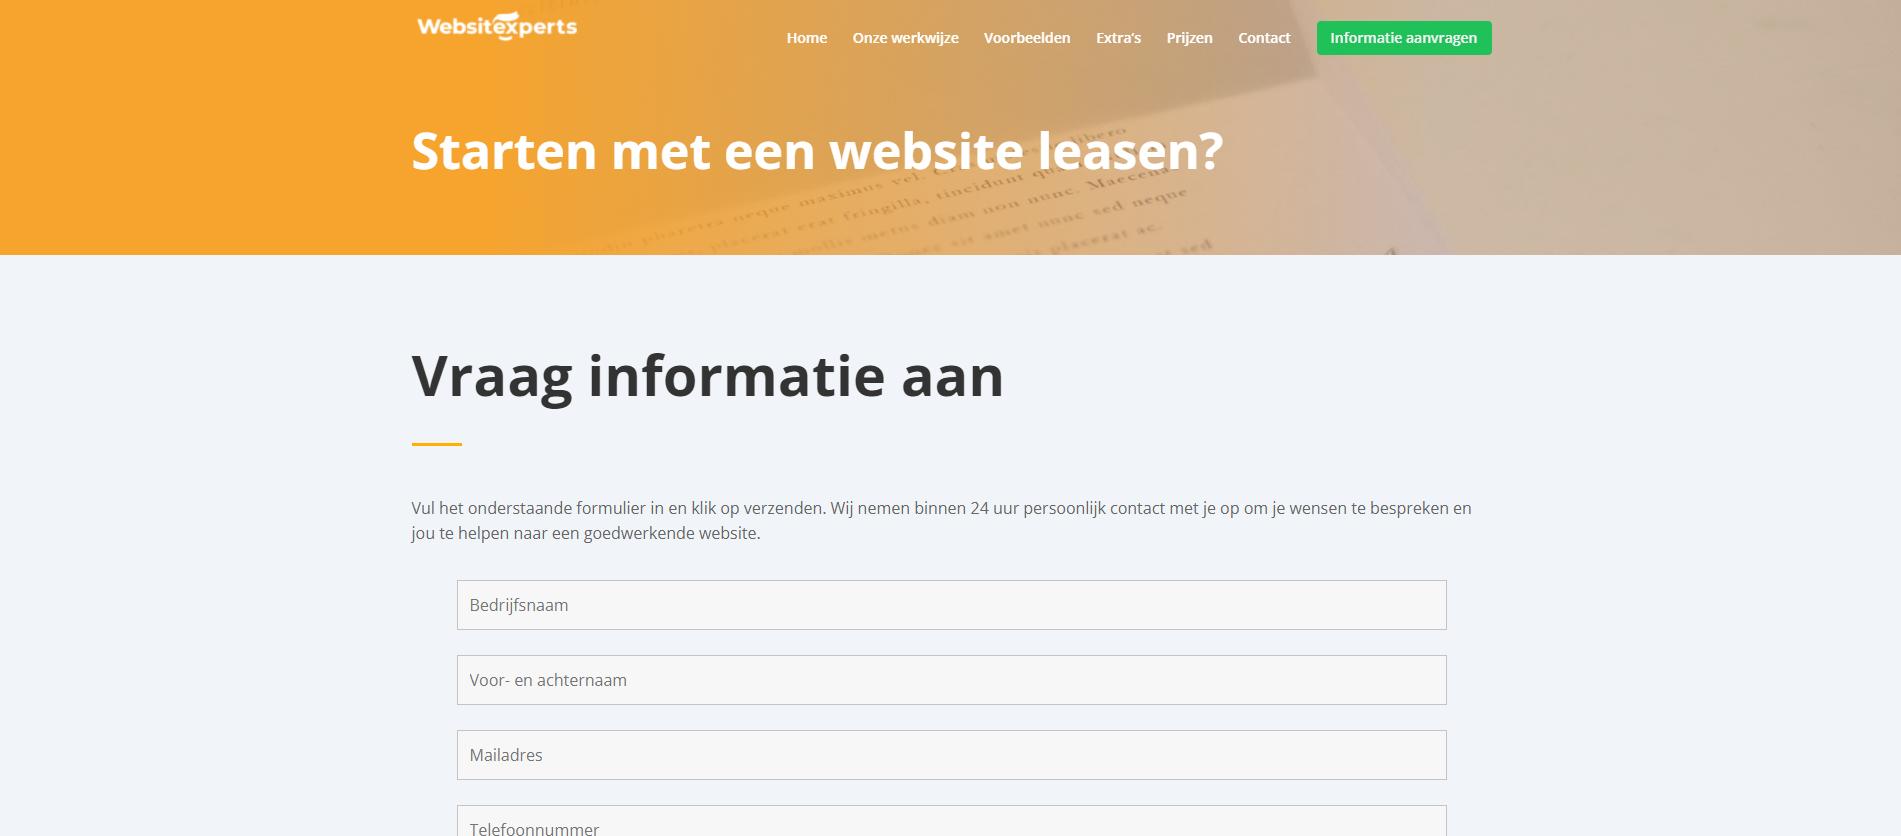 voorbeeld websitexperts 2